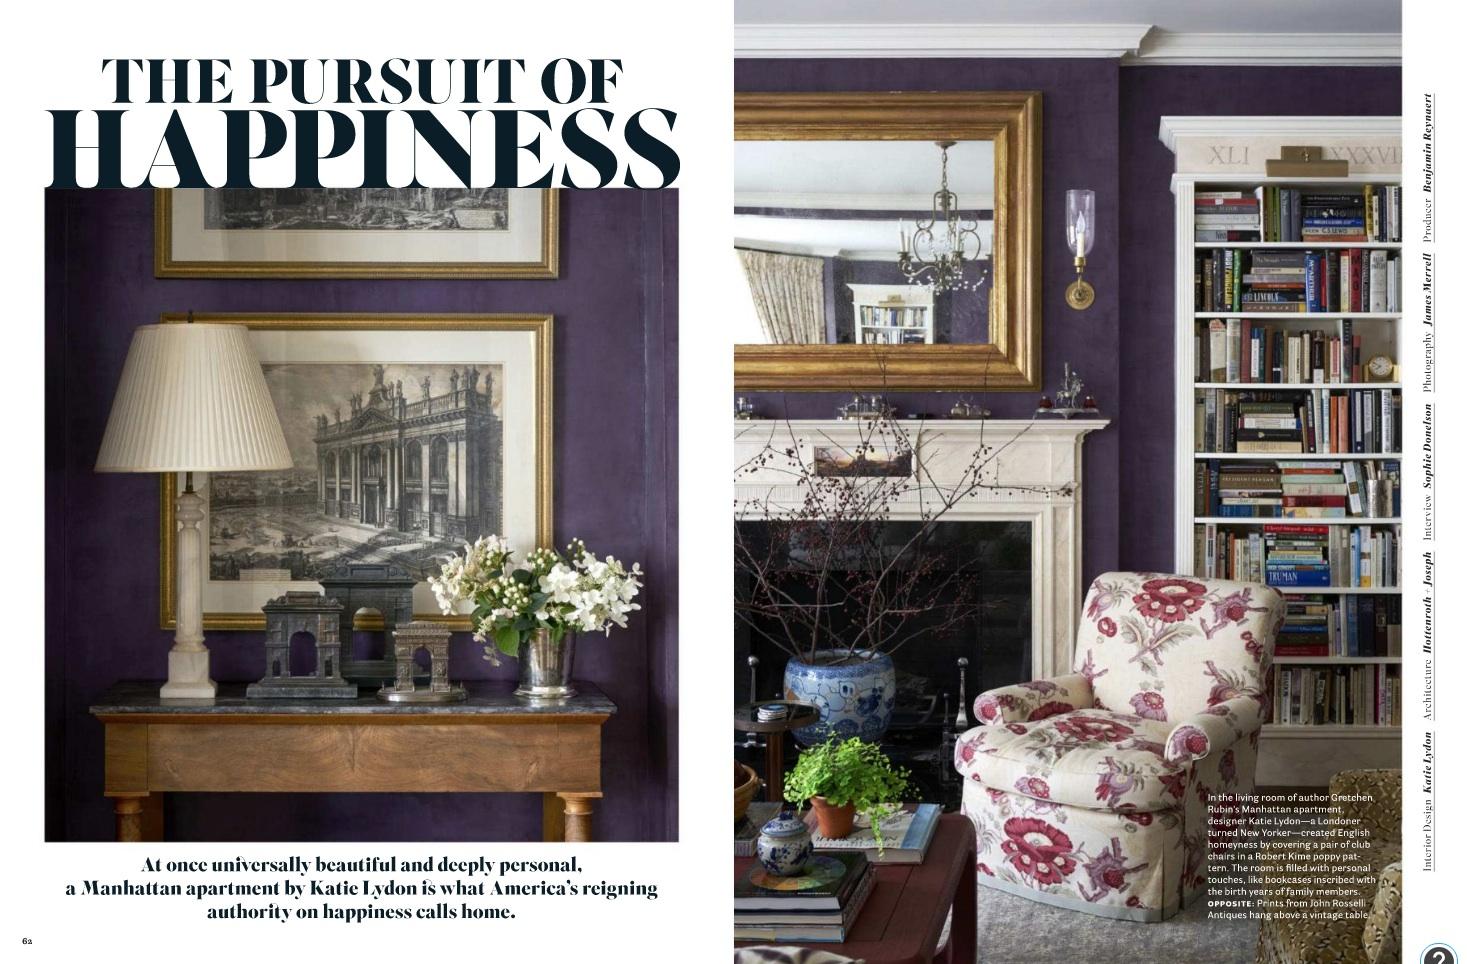 House Beautiful April 2018 - Rubin p. 62-63 copy.jpg